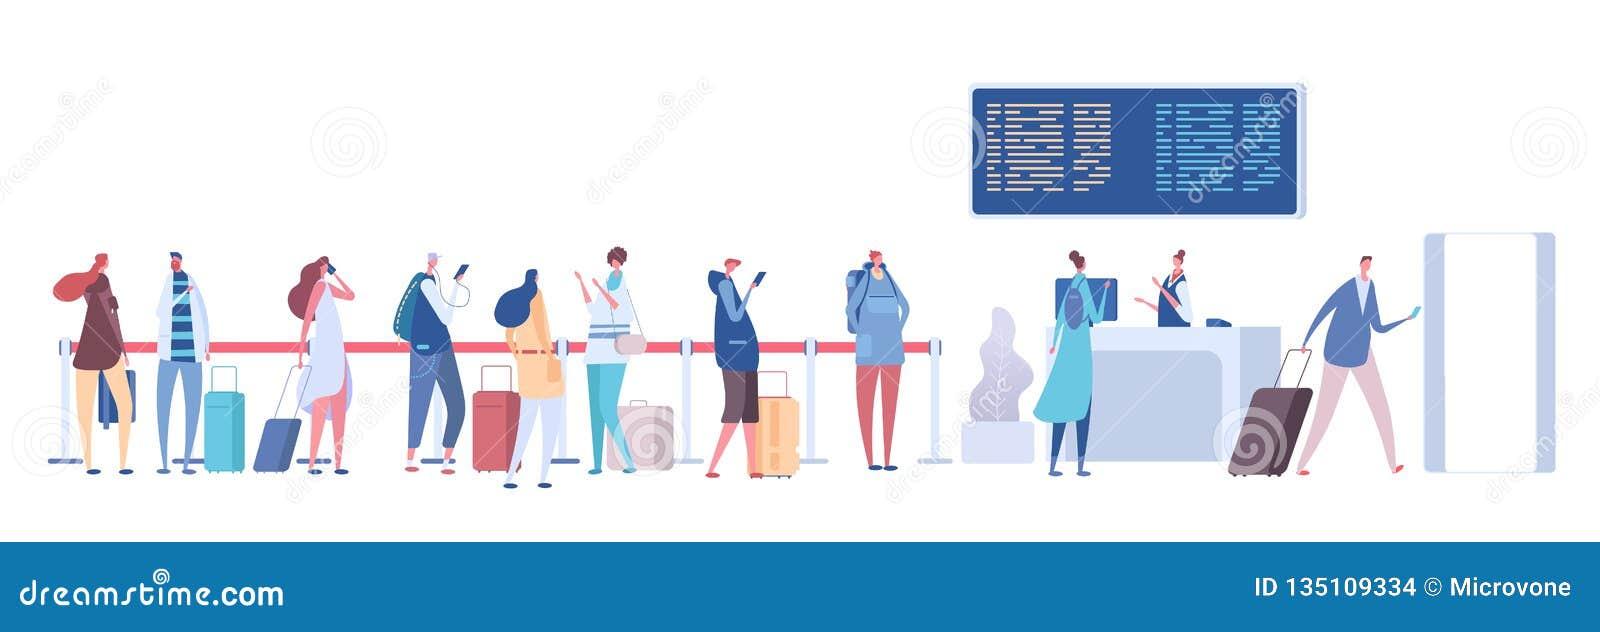 Οι άνθρωποι στον αερολιμένα περιμένουν στη σειρά Ταξιδιωτικές αποσκευές στη γραμμή, έλεγχος στην εγγραφή στο τερματικό Διάνυσμα α